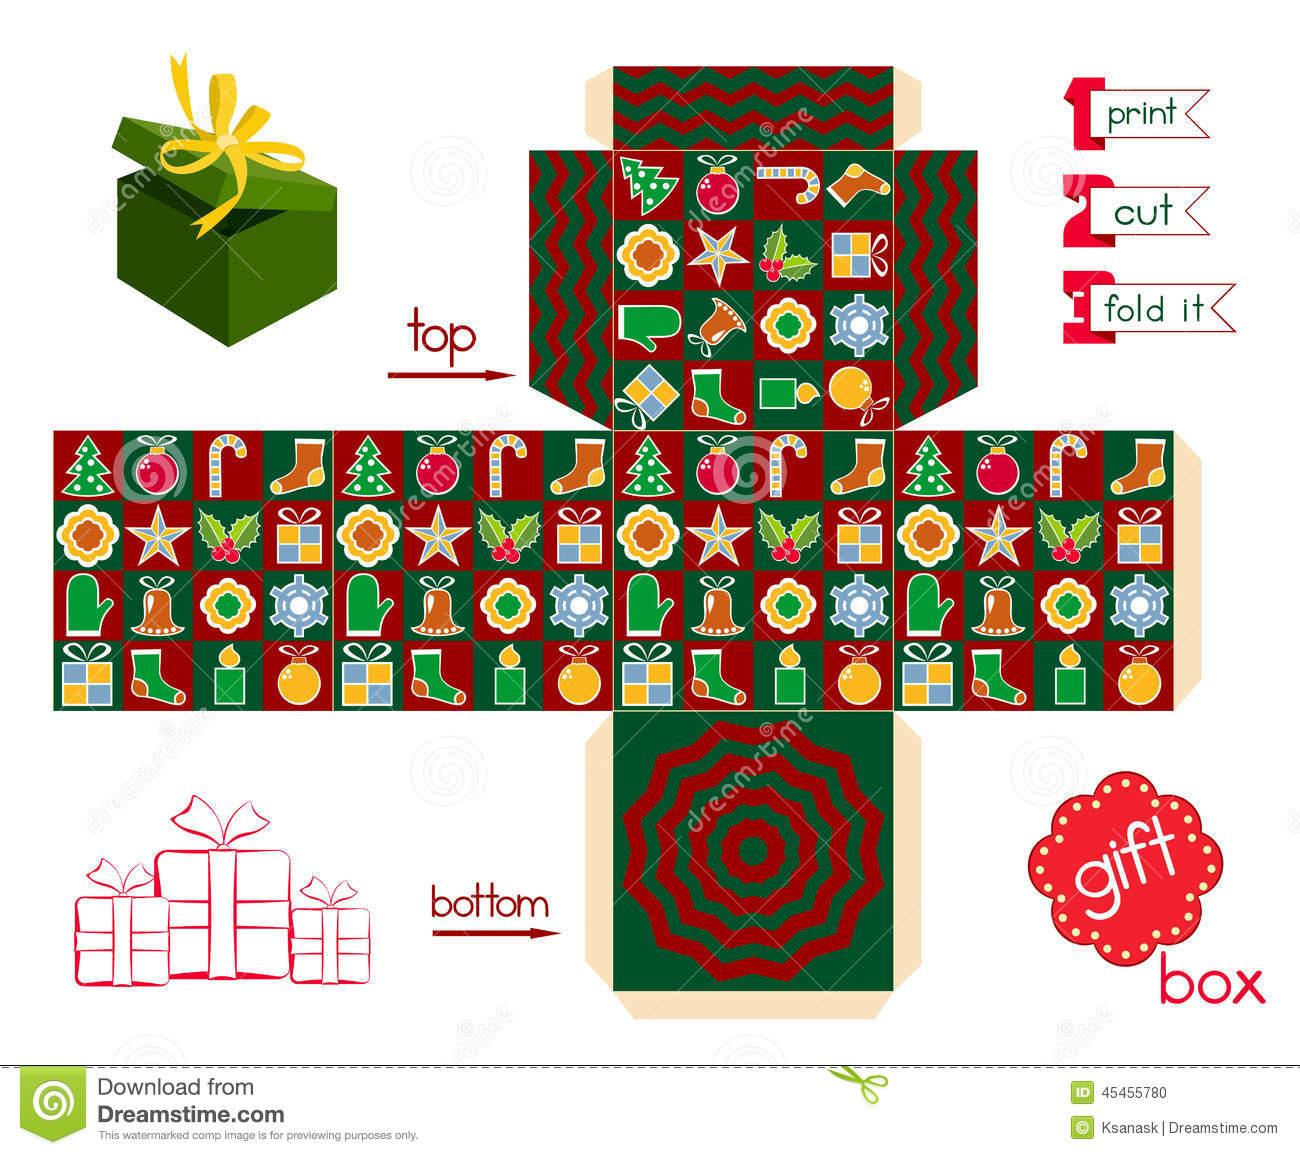 Christmas Gift Box Template Free Printable – Festival Collections - Printable Box Templates Free Download